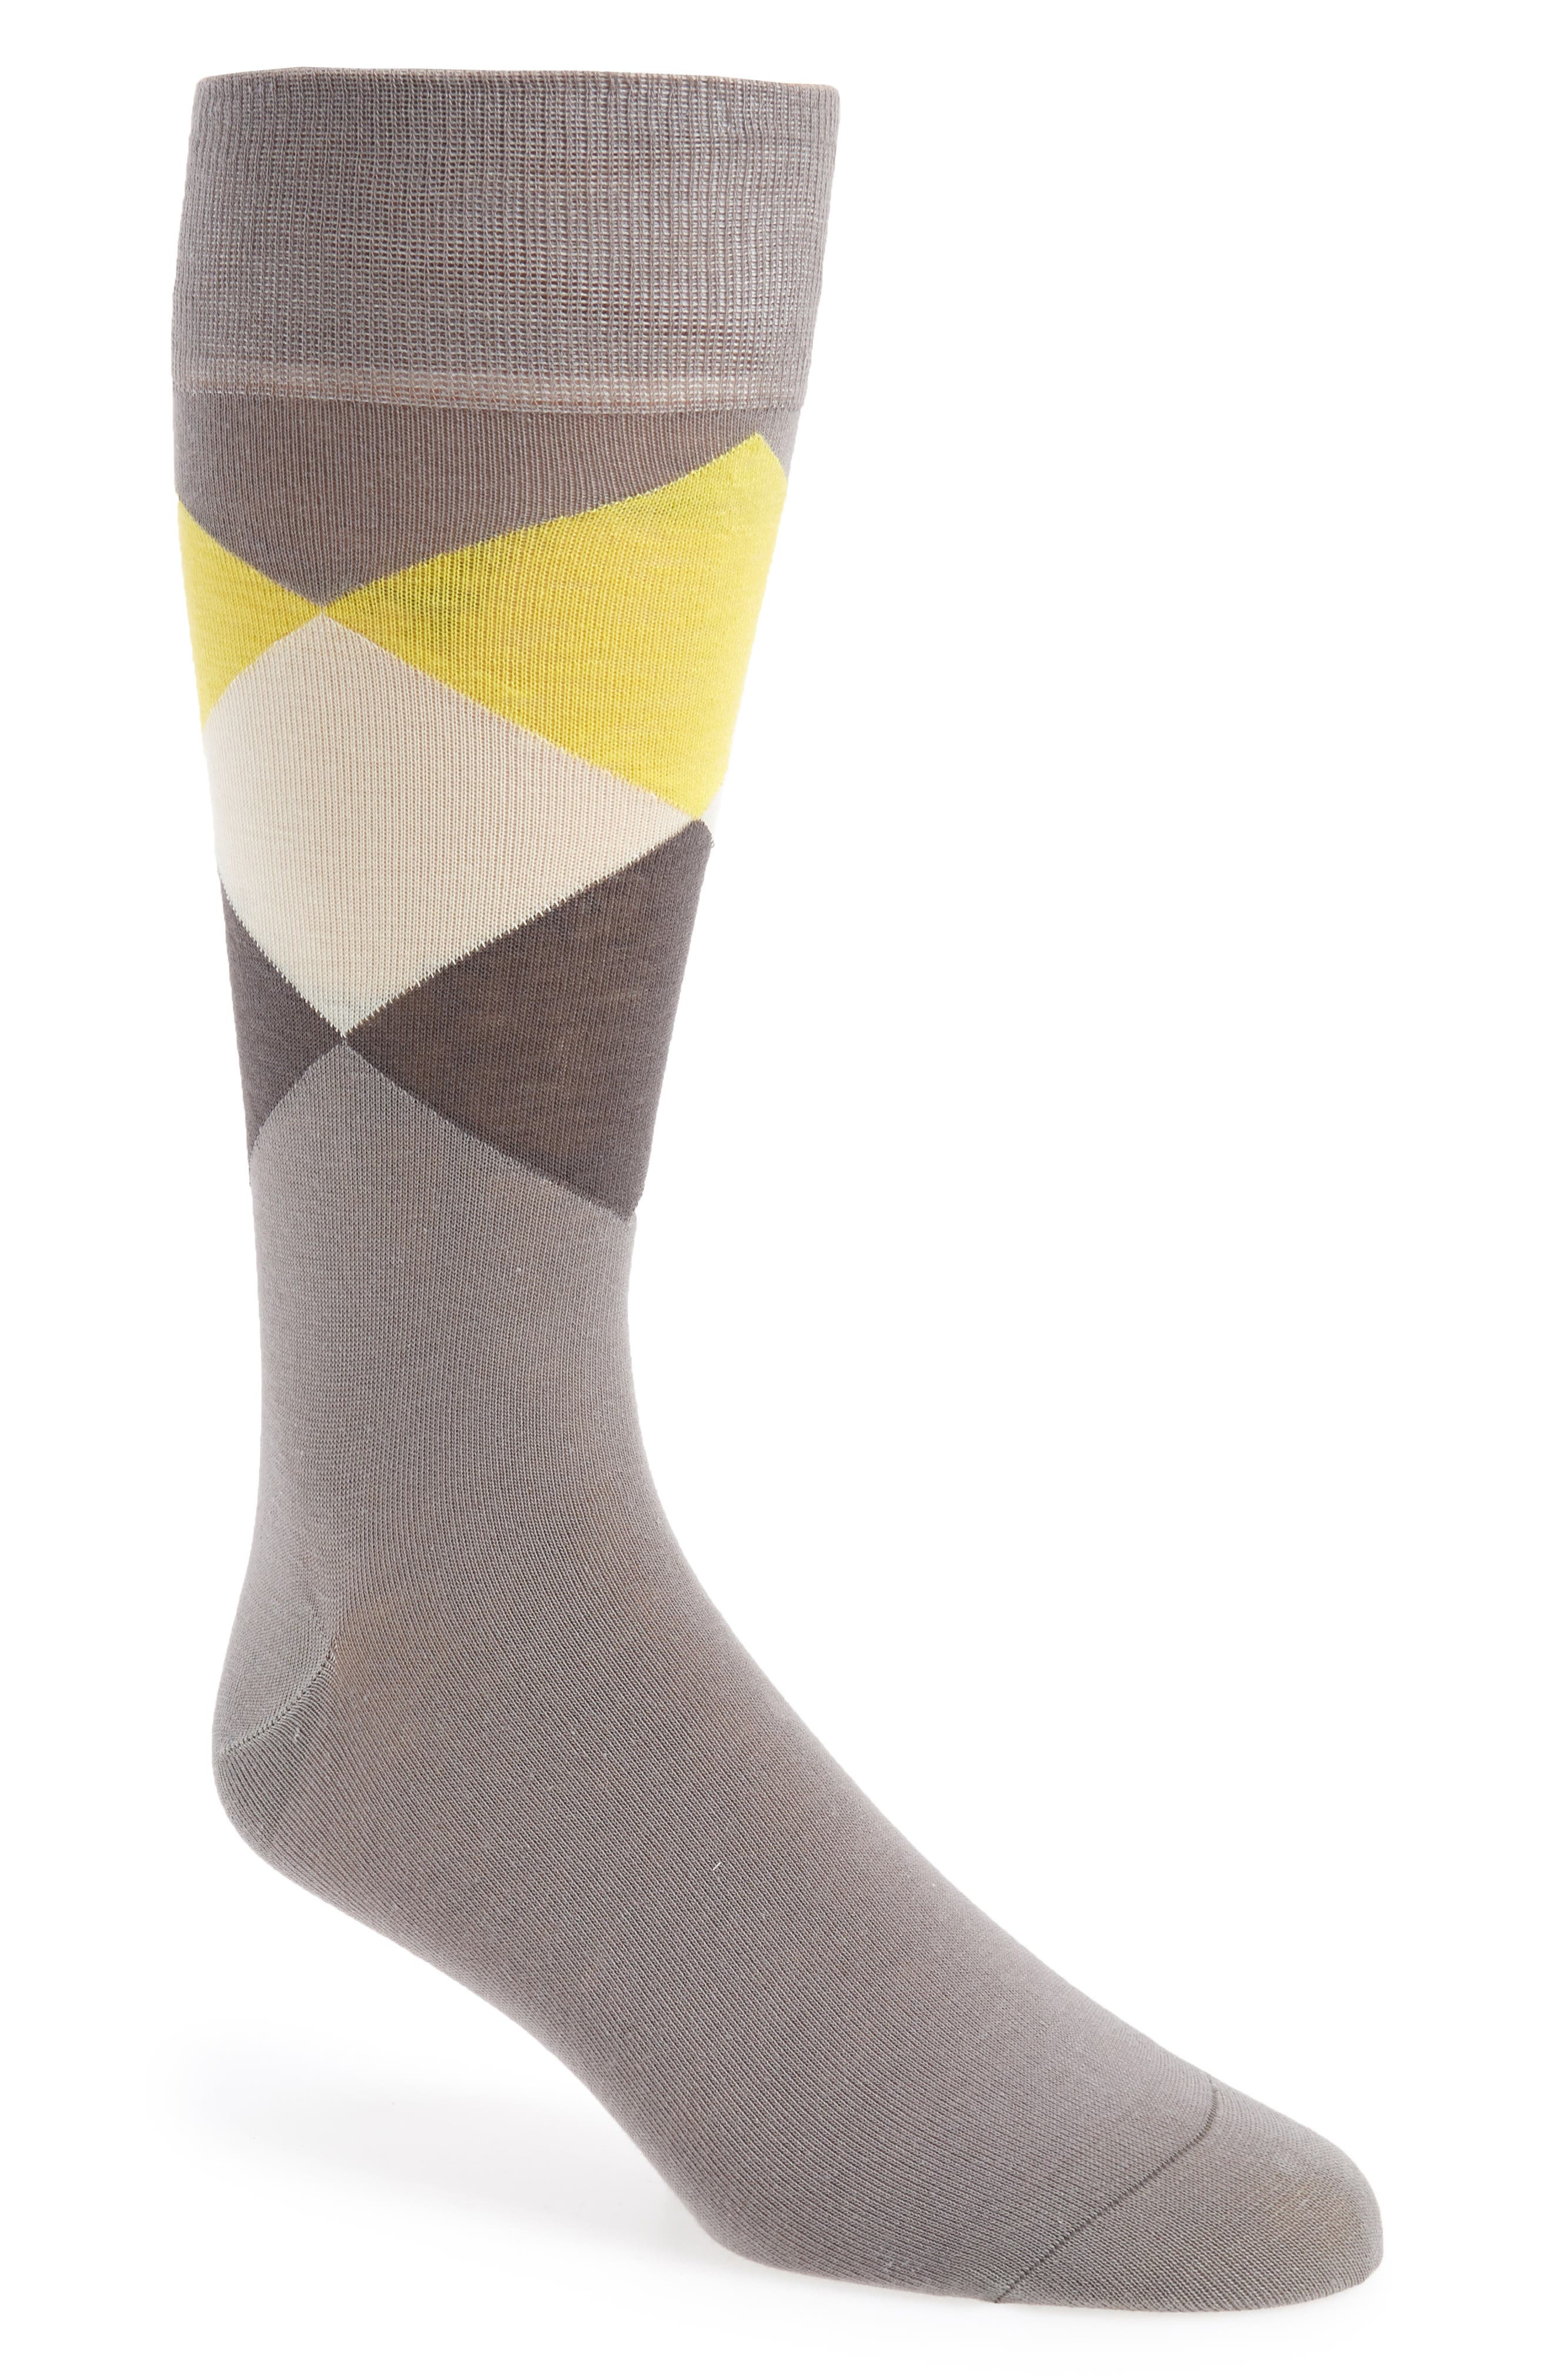 Large Diamond Crew Socks,                             Main thumbnail 1, color,                             030